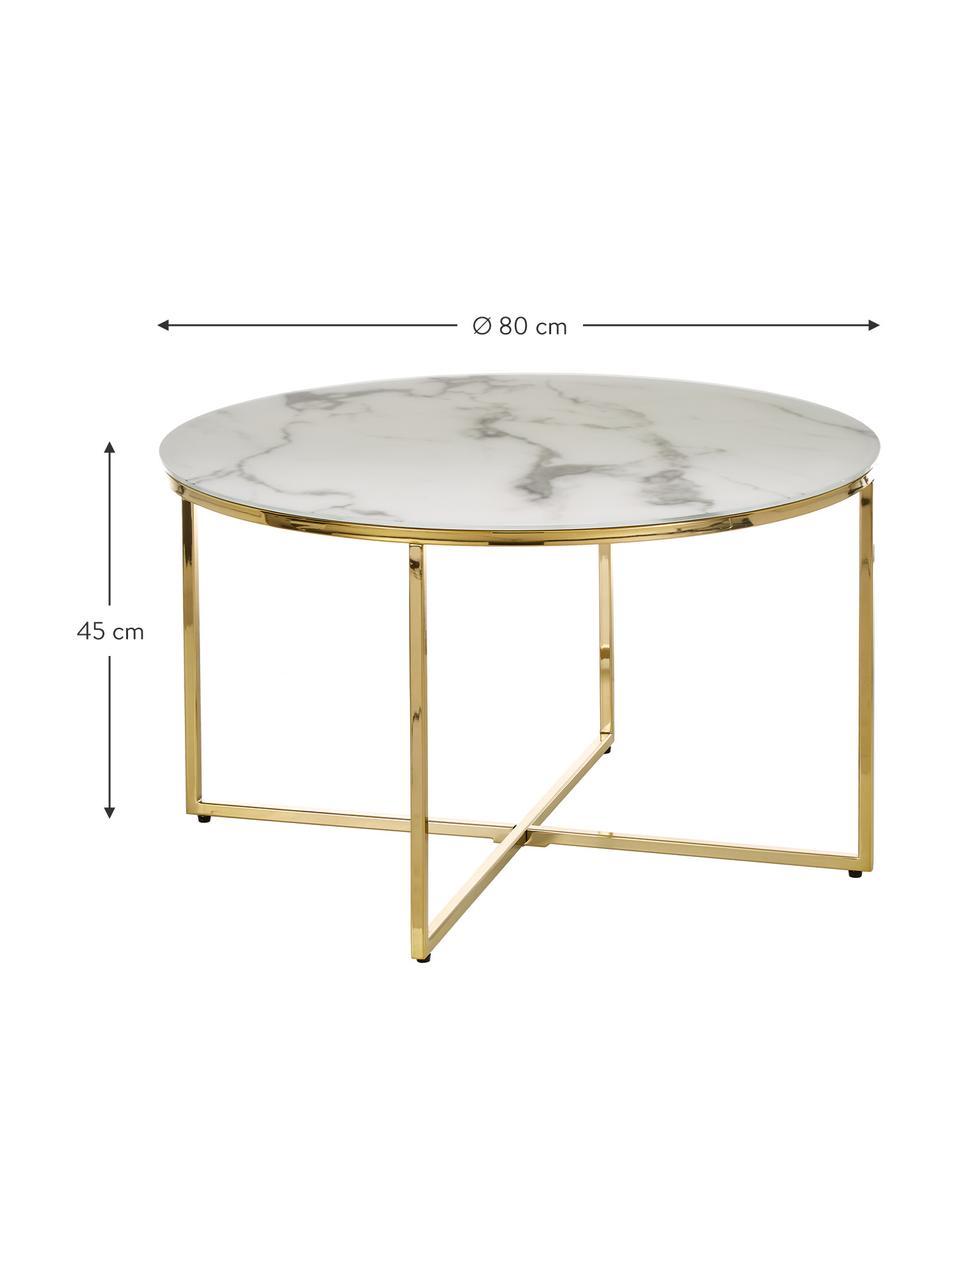 Couchtisch Antigua mit marmorierter Glasplatte, Tischplatte: Glas, matt bedruckt, Gestell: Metall, vermessingt, Tischplatte: Weiß, marmoriert Gestell: Messing, Ø 80 x H 45 cm